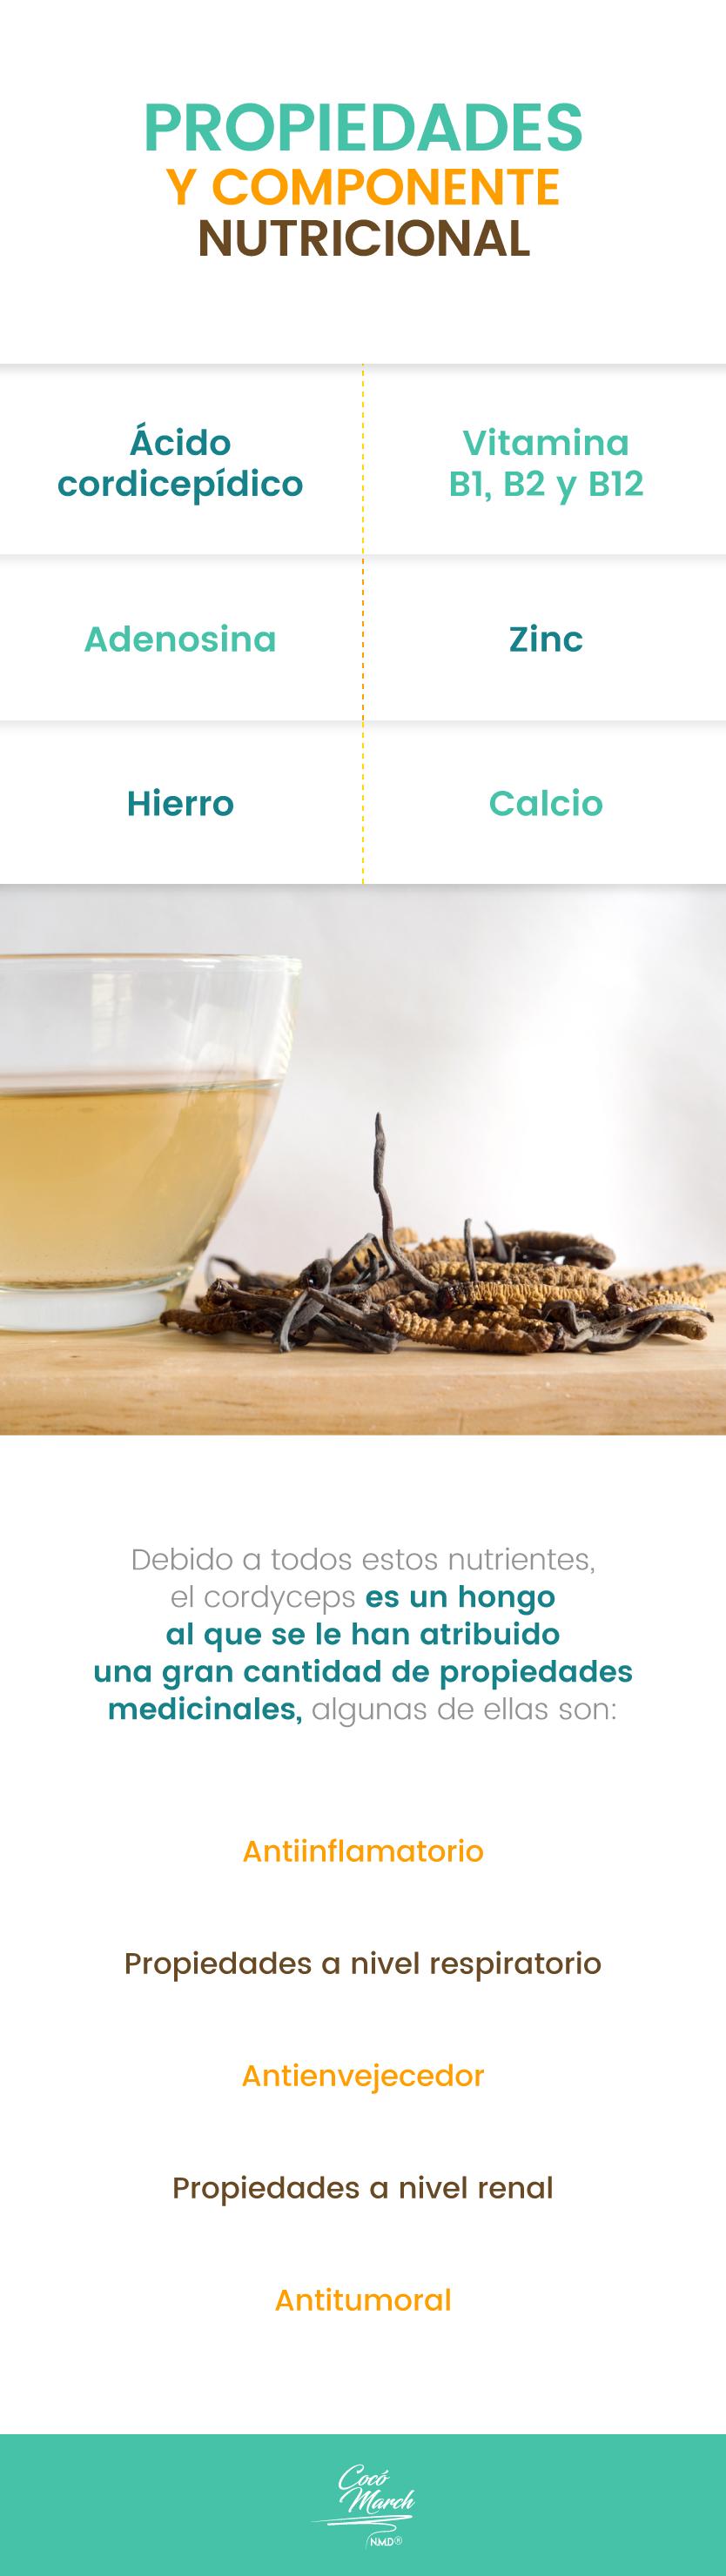 Cordyceps-sinensis-propiedades-nutricionales